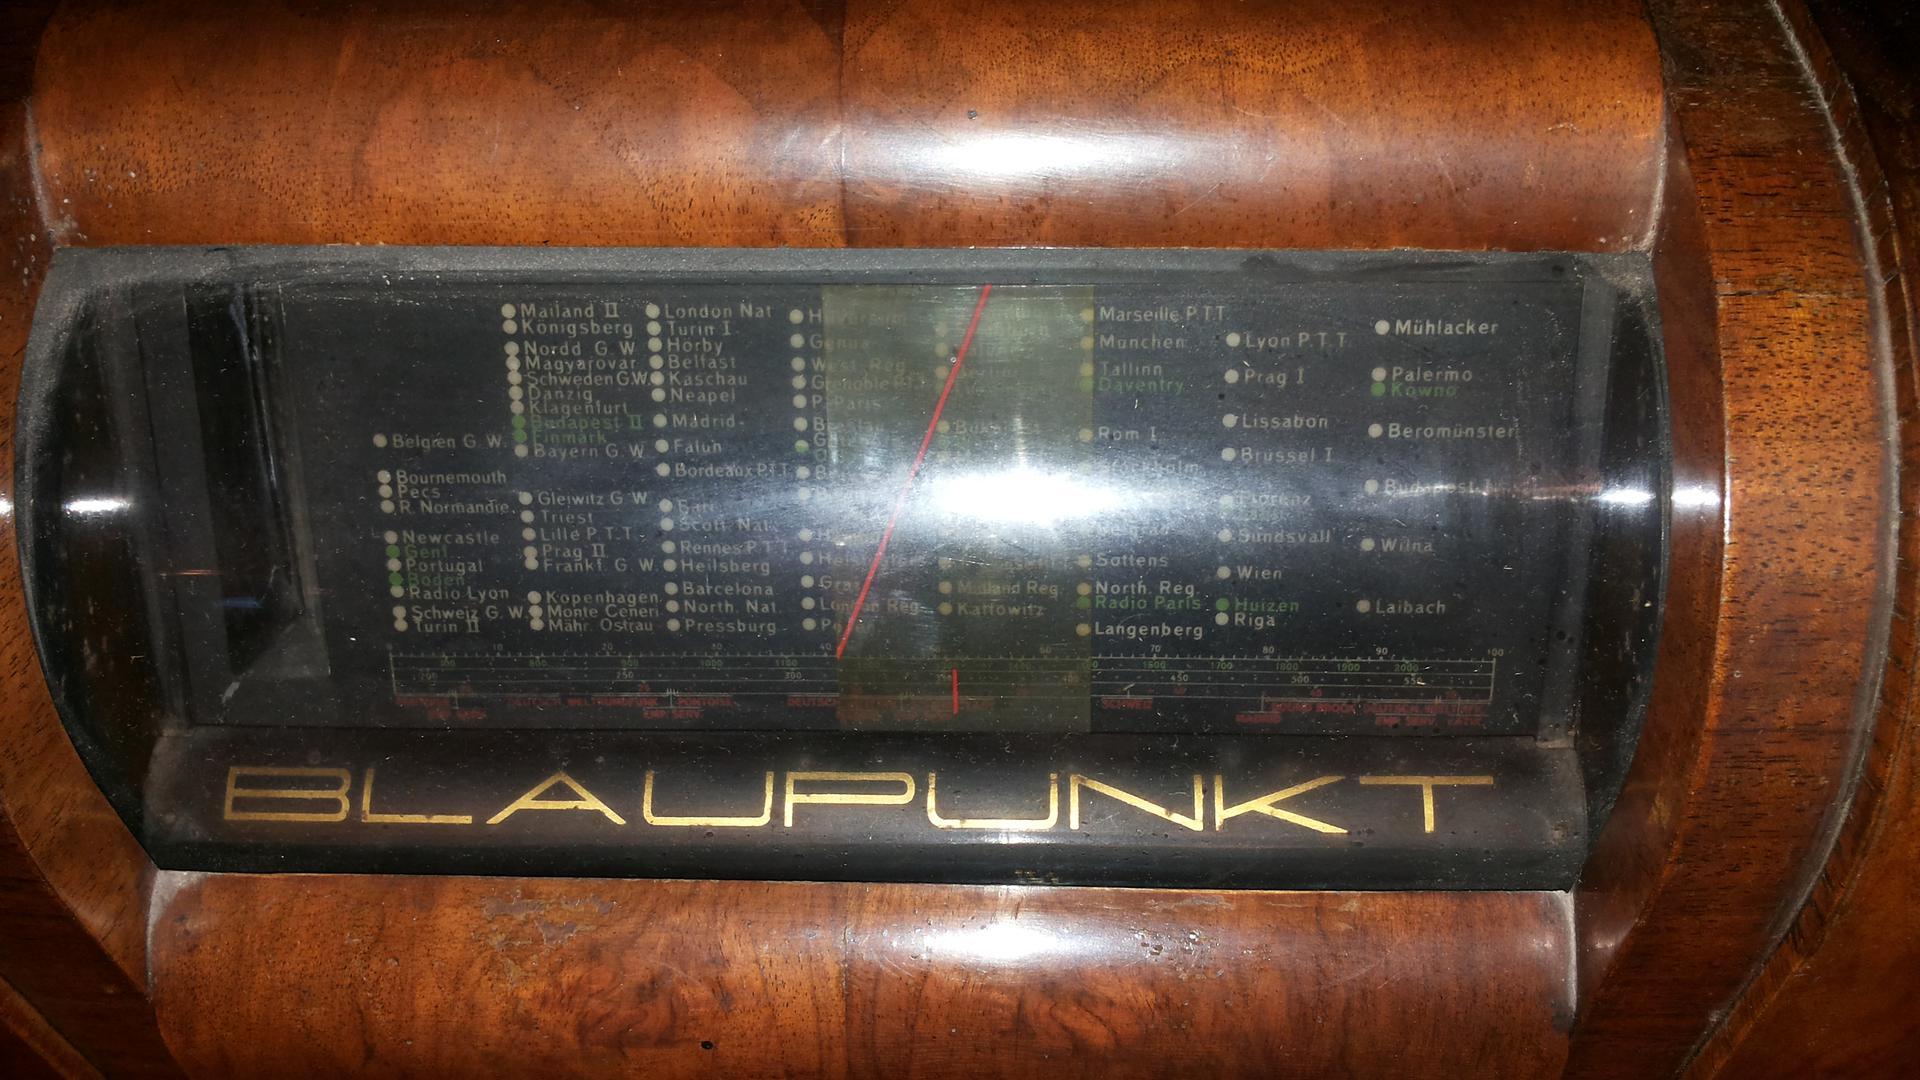 Mühlacker liegt zwischen Riga und Palermo, zumindest auf der Senderskala dieses alten Blaupunkt-Radios Ideal, Typ 4W6 von 1934, das im Radiomuseum in Waldbronn zu sehen ist.